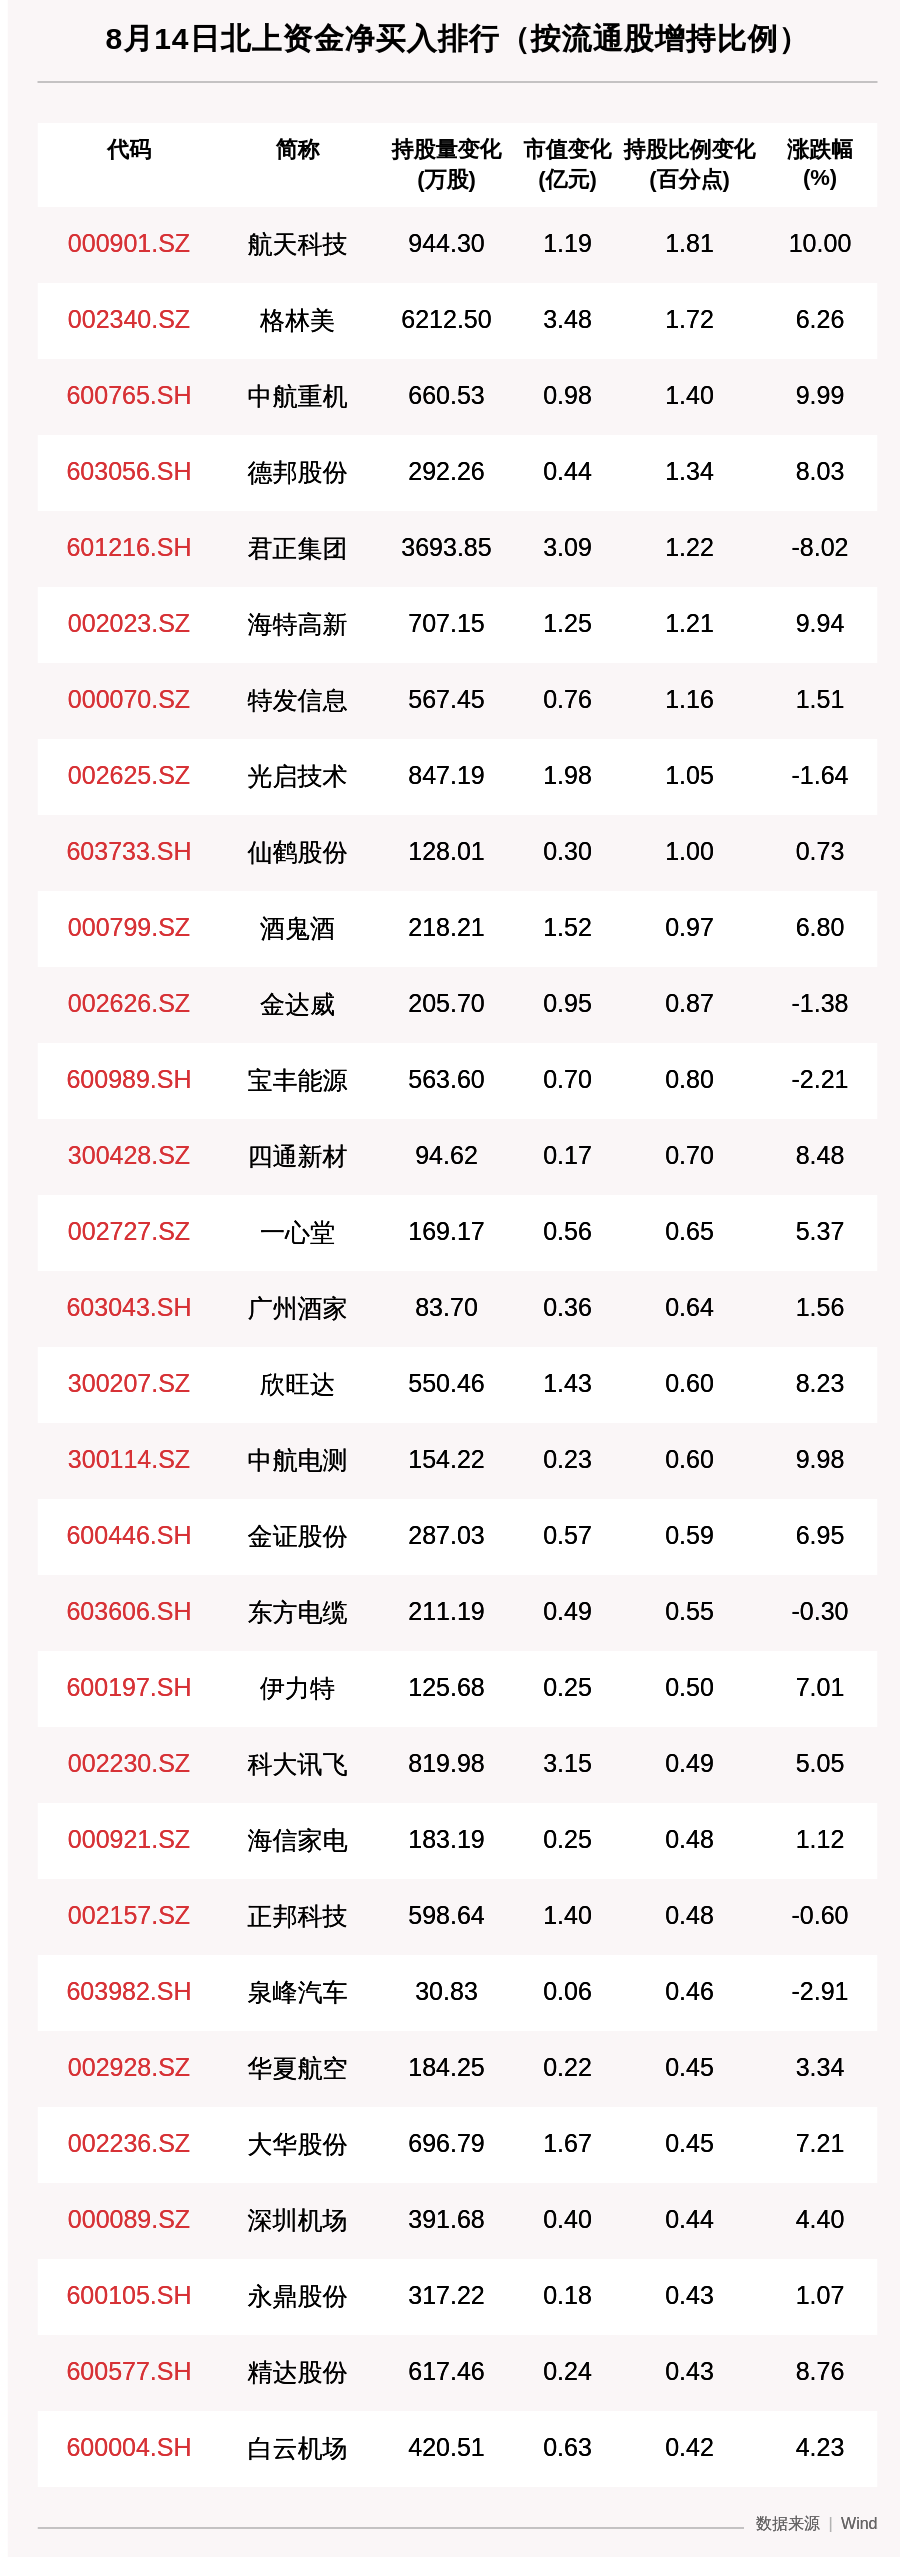 北向资金动向曝光:8月14日这30只个股被猛烈扫货,立讯精密、长春高新、五粮液上榜(附名单)